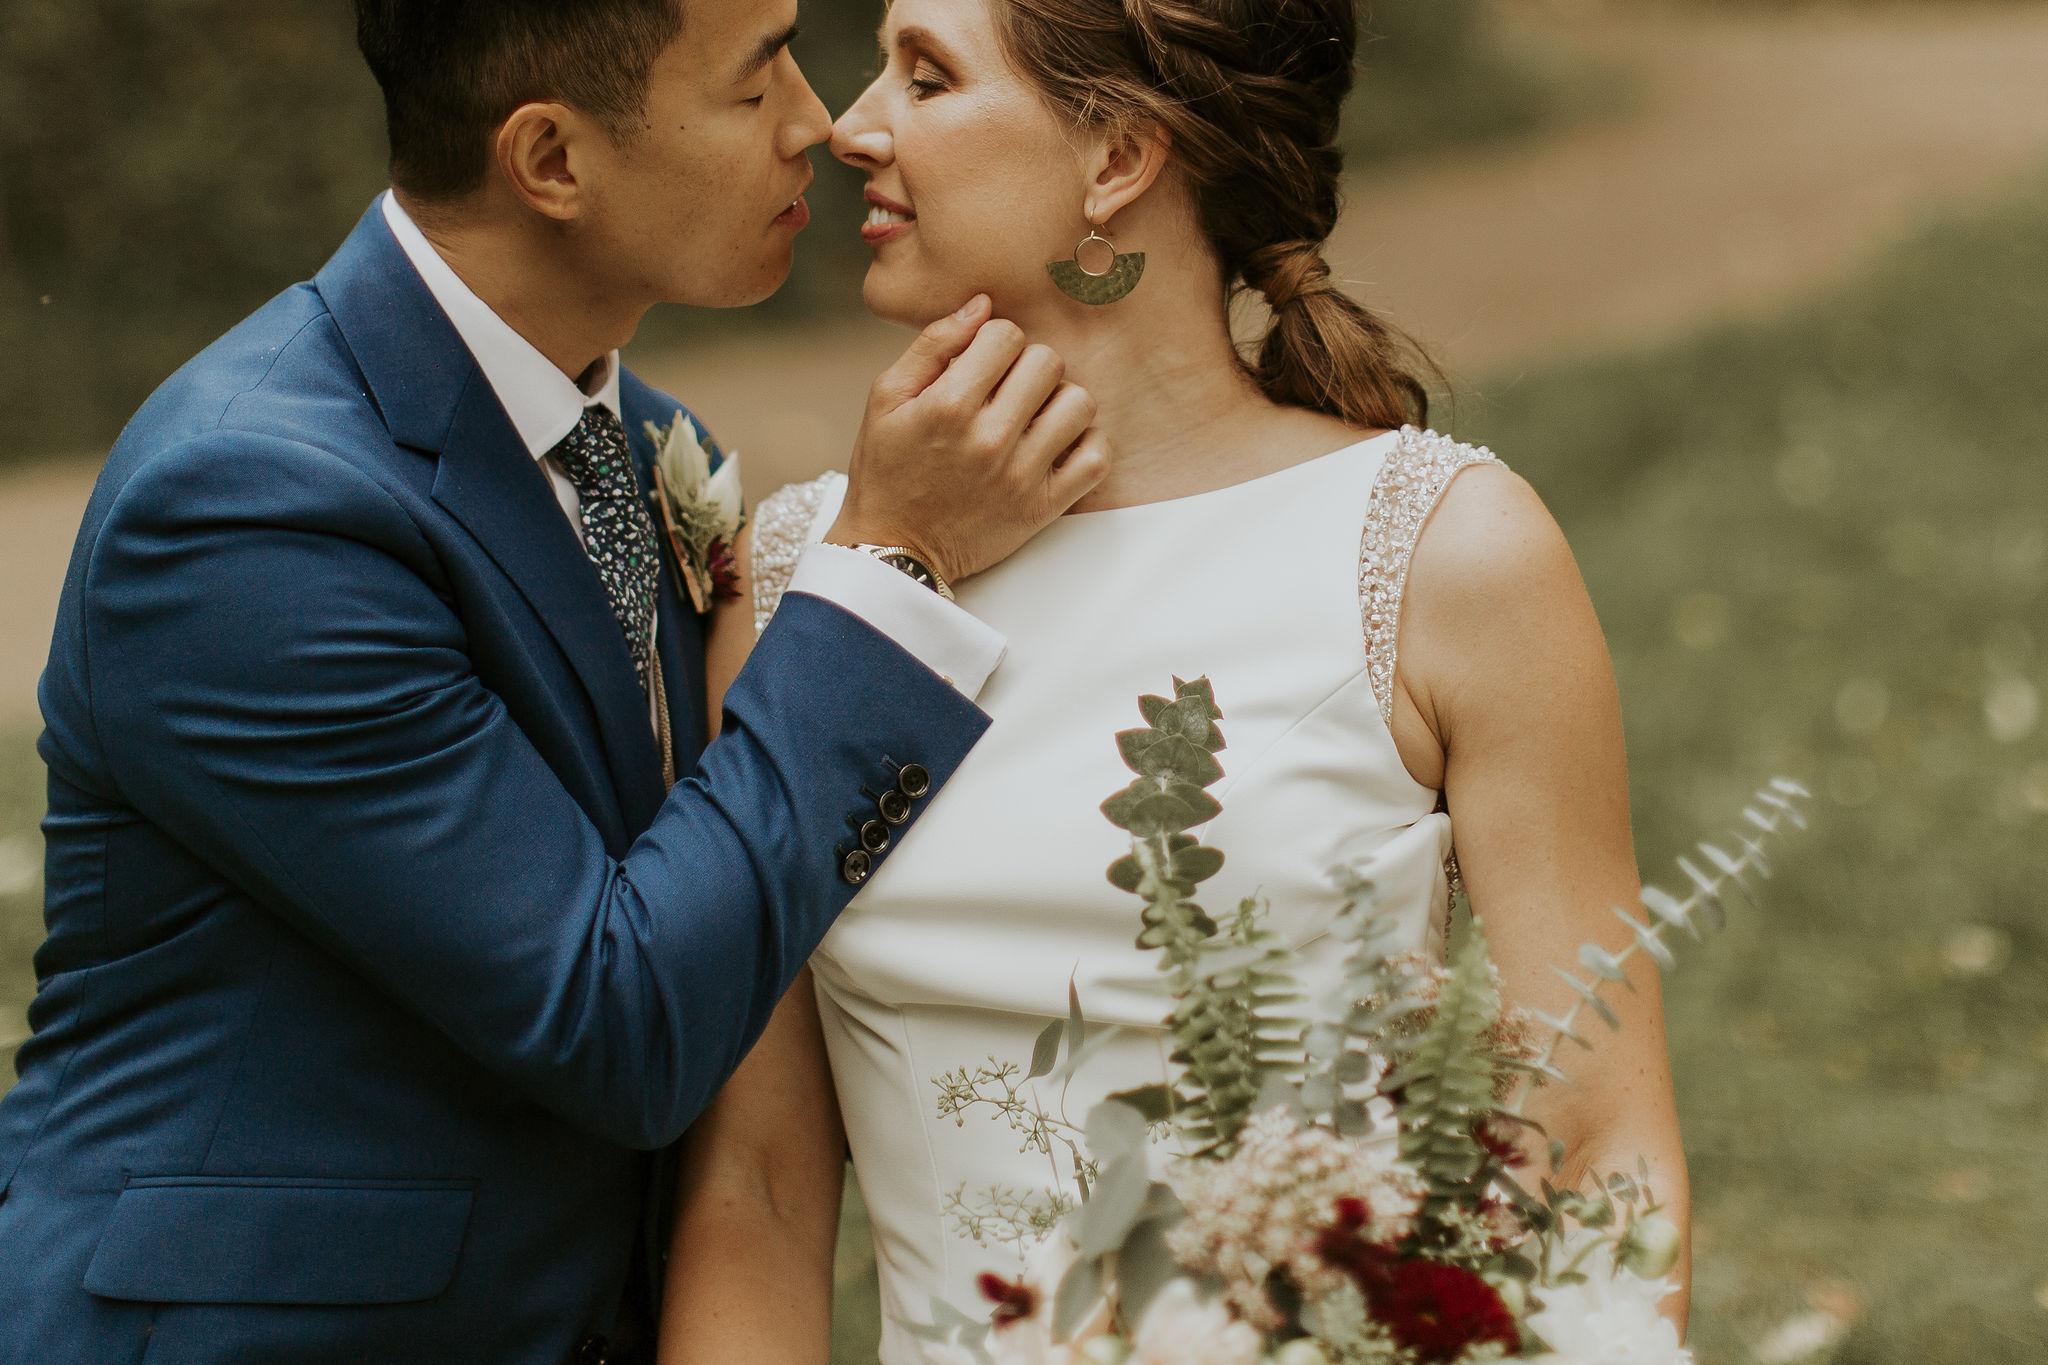 AK_Wedding_CouplePortraits-39.jpg